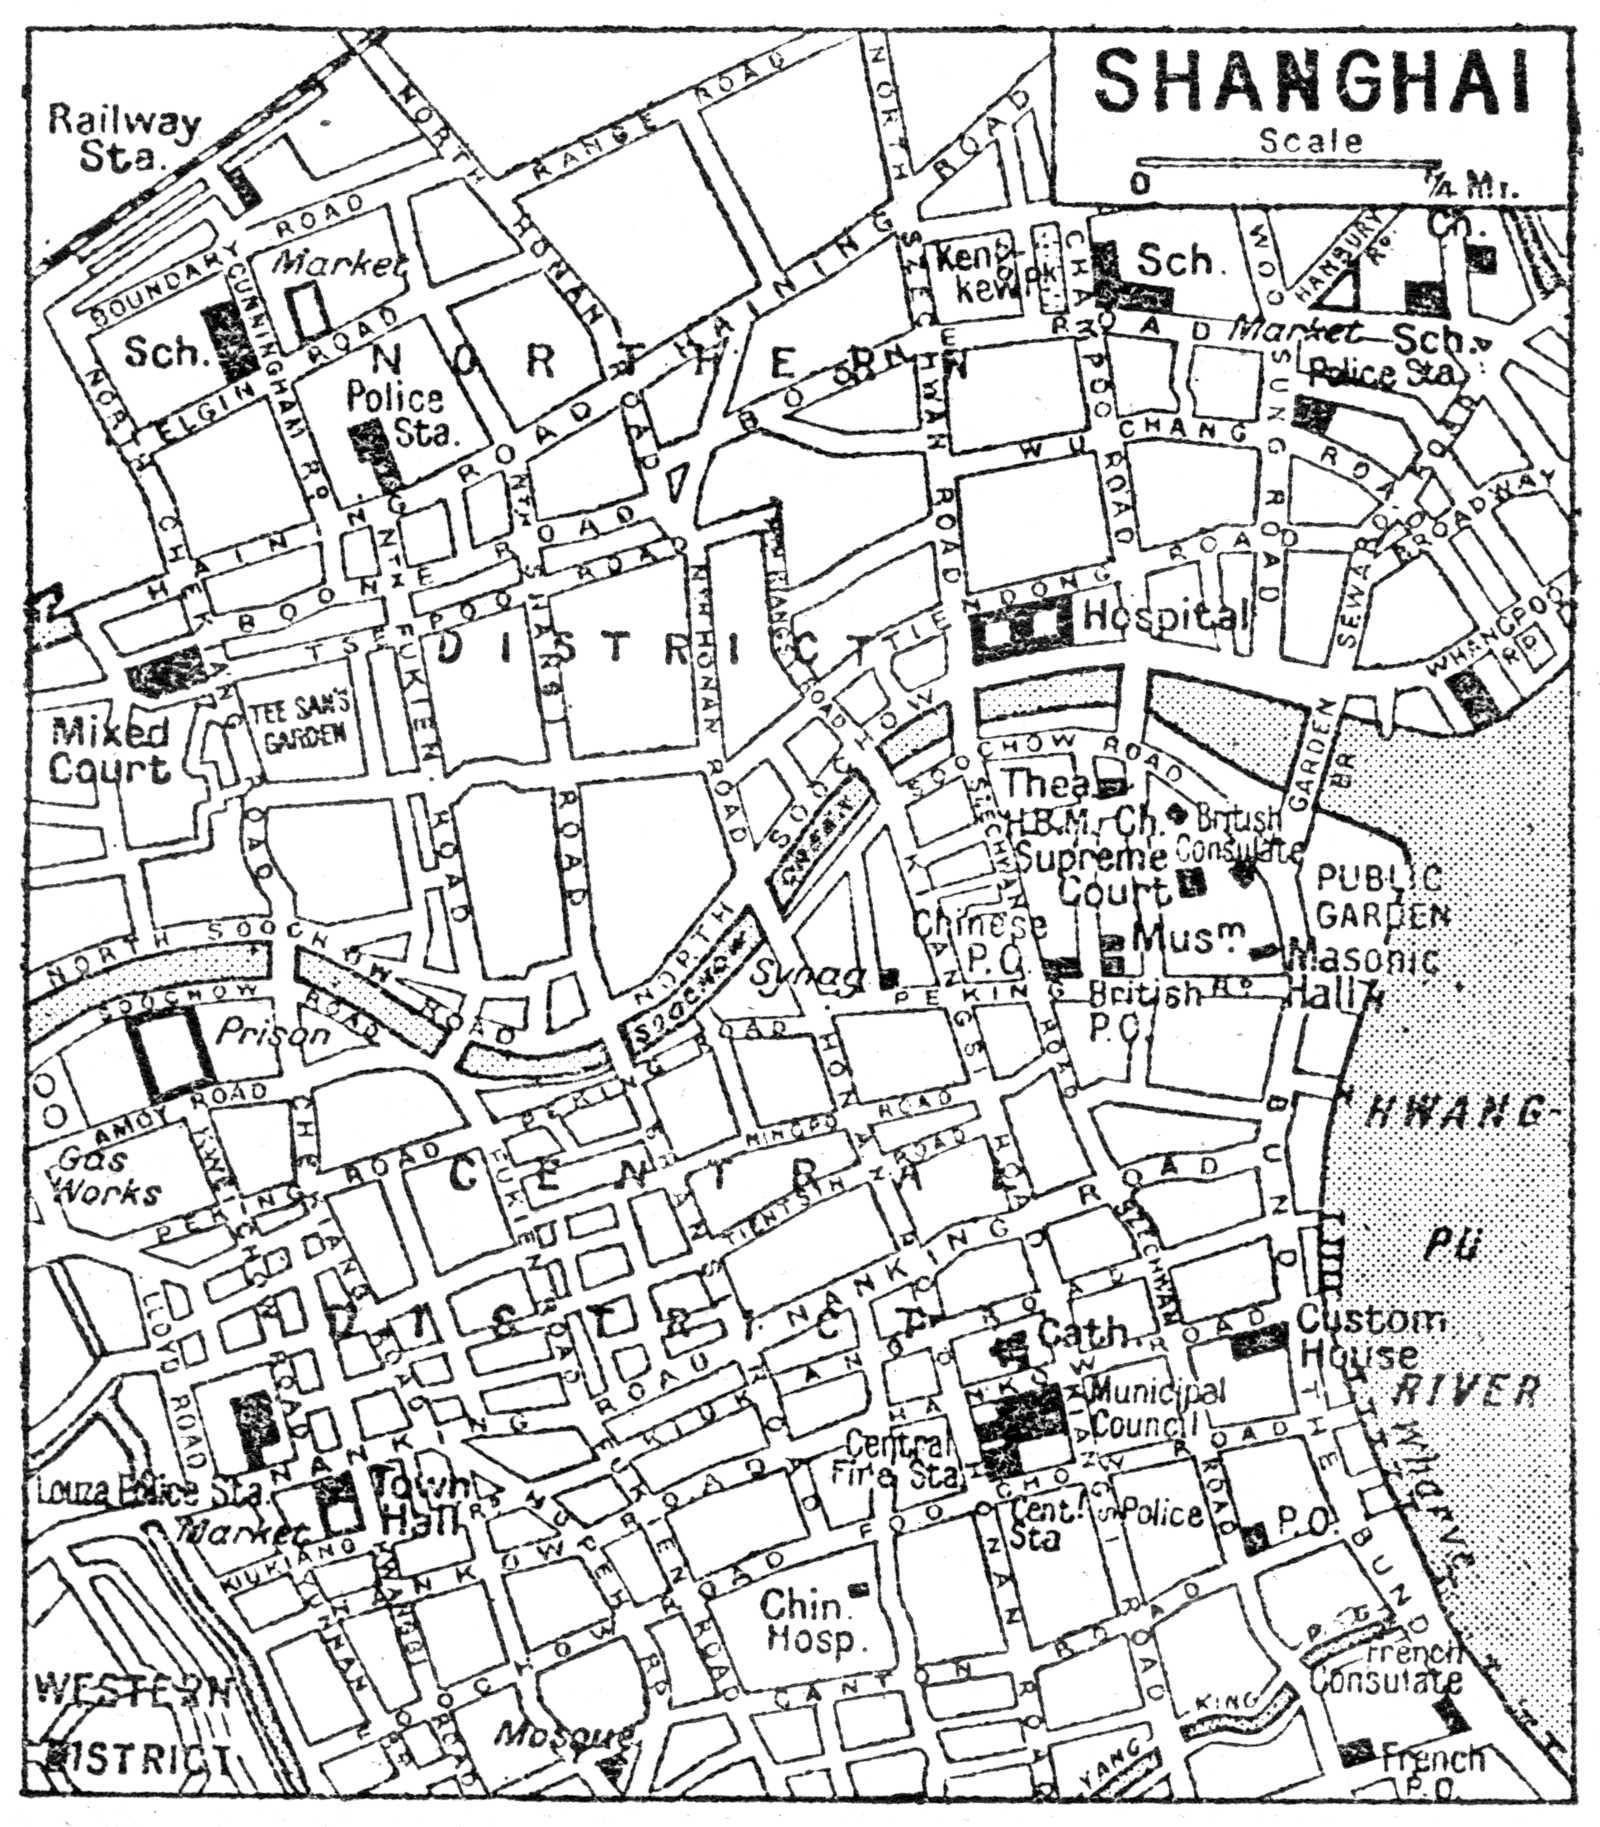 Shanghai Map, Shanghai, Chinese History